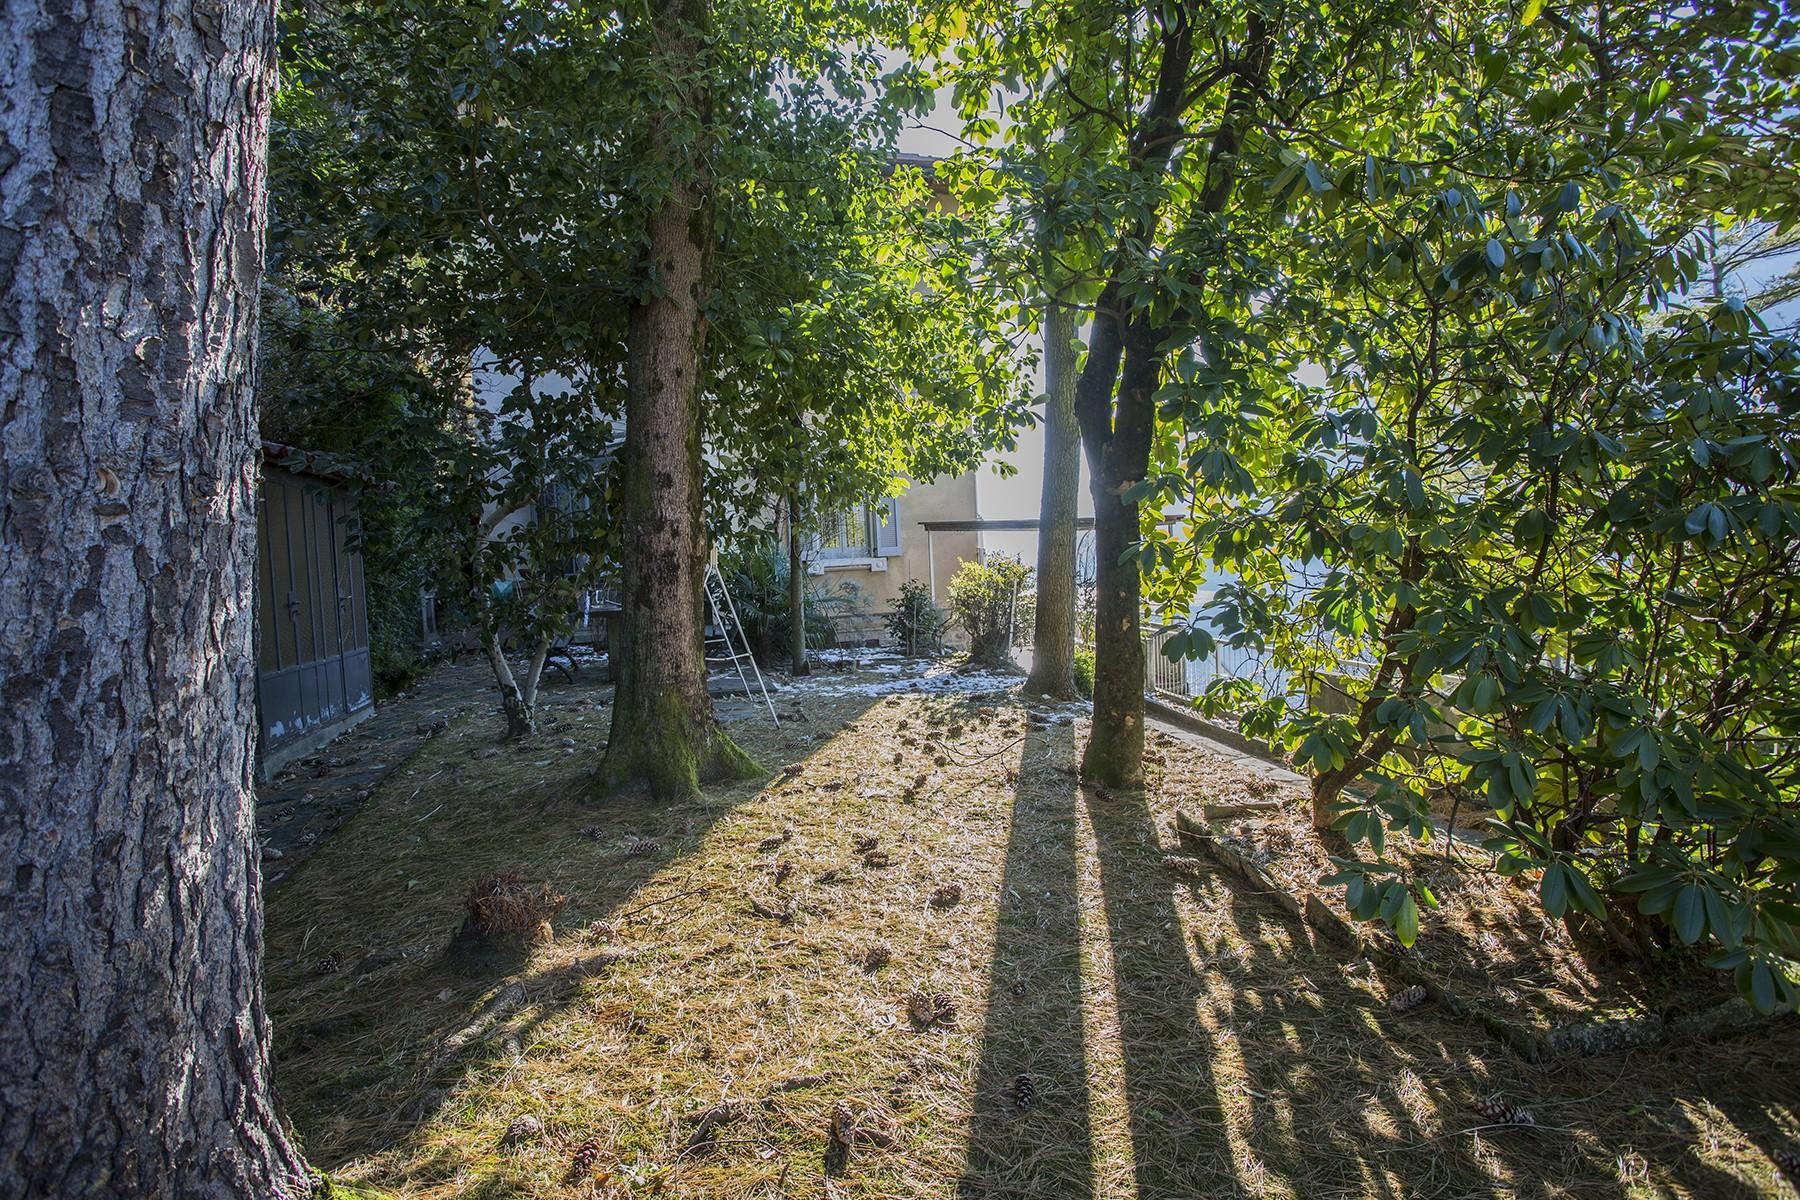 Villa in Vendita a Nesso: 5 locali, 250 mq - Foto 8